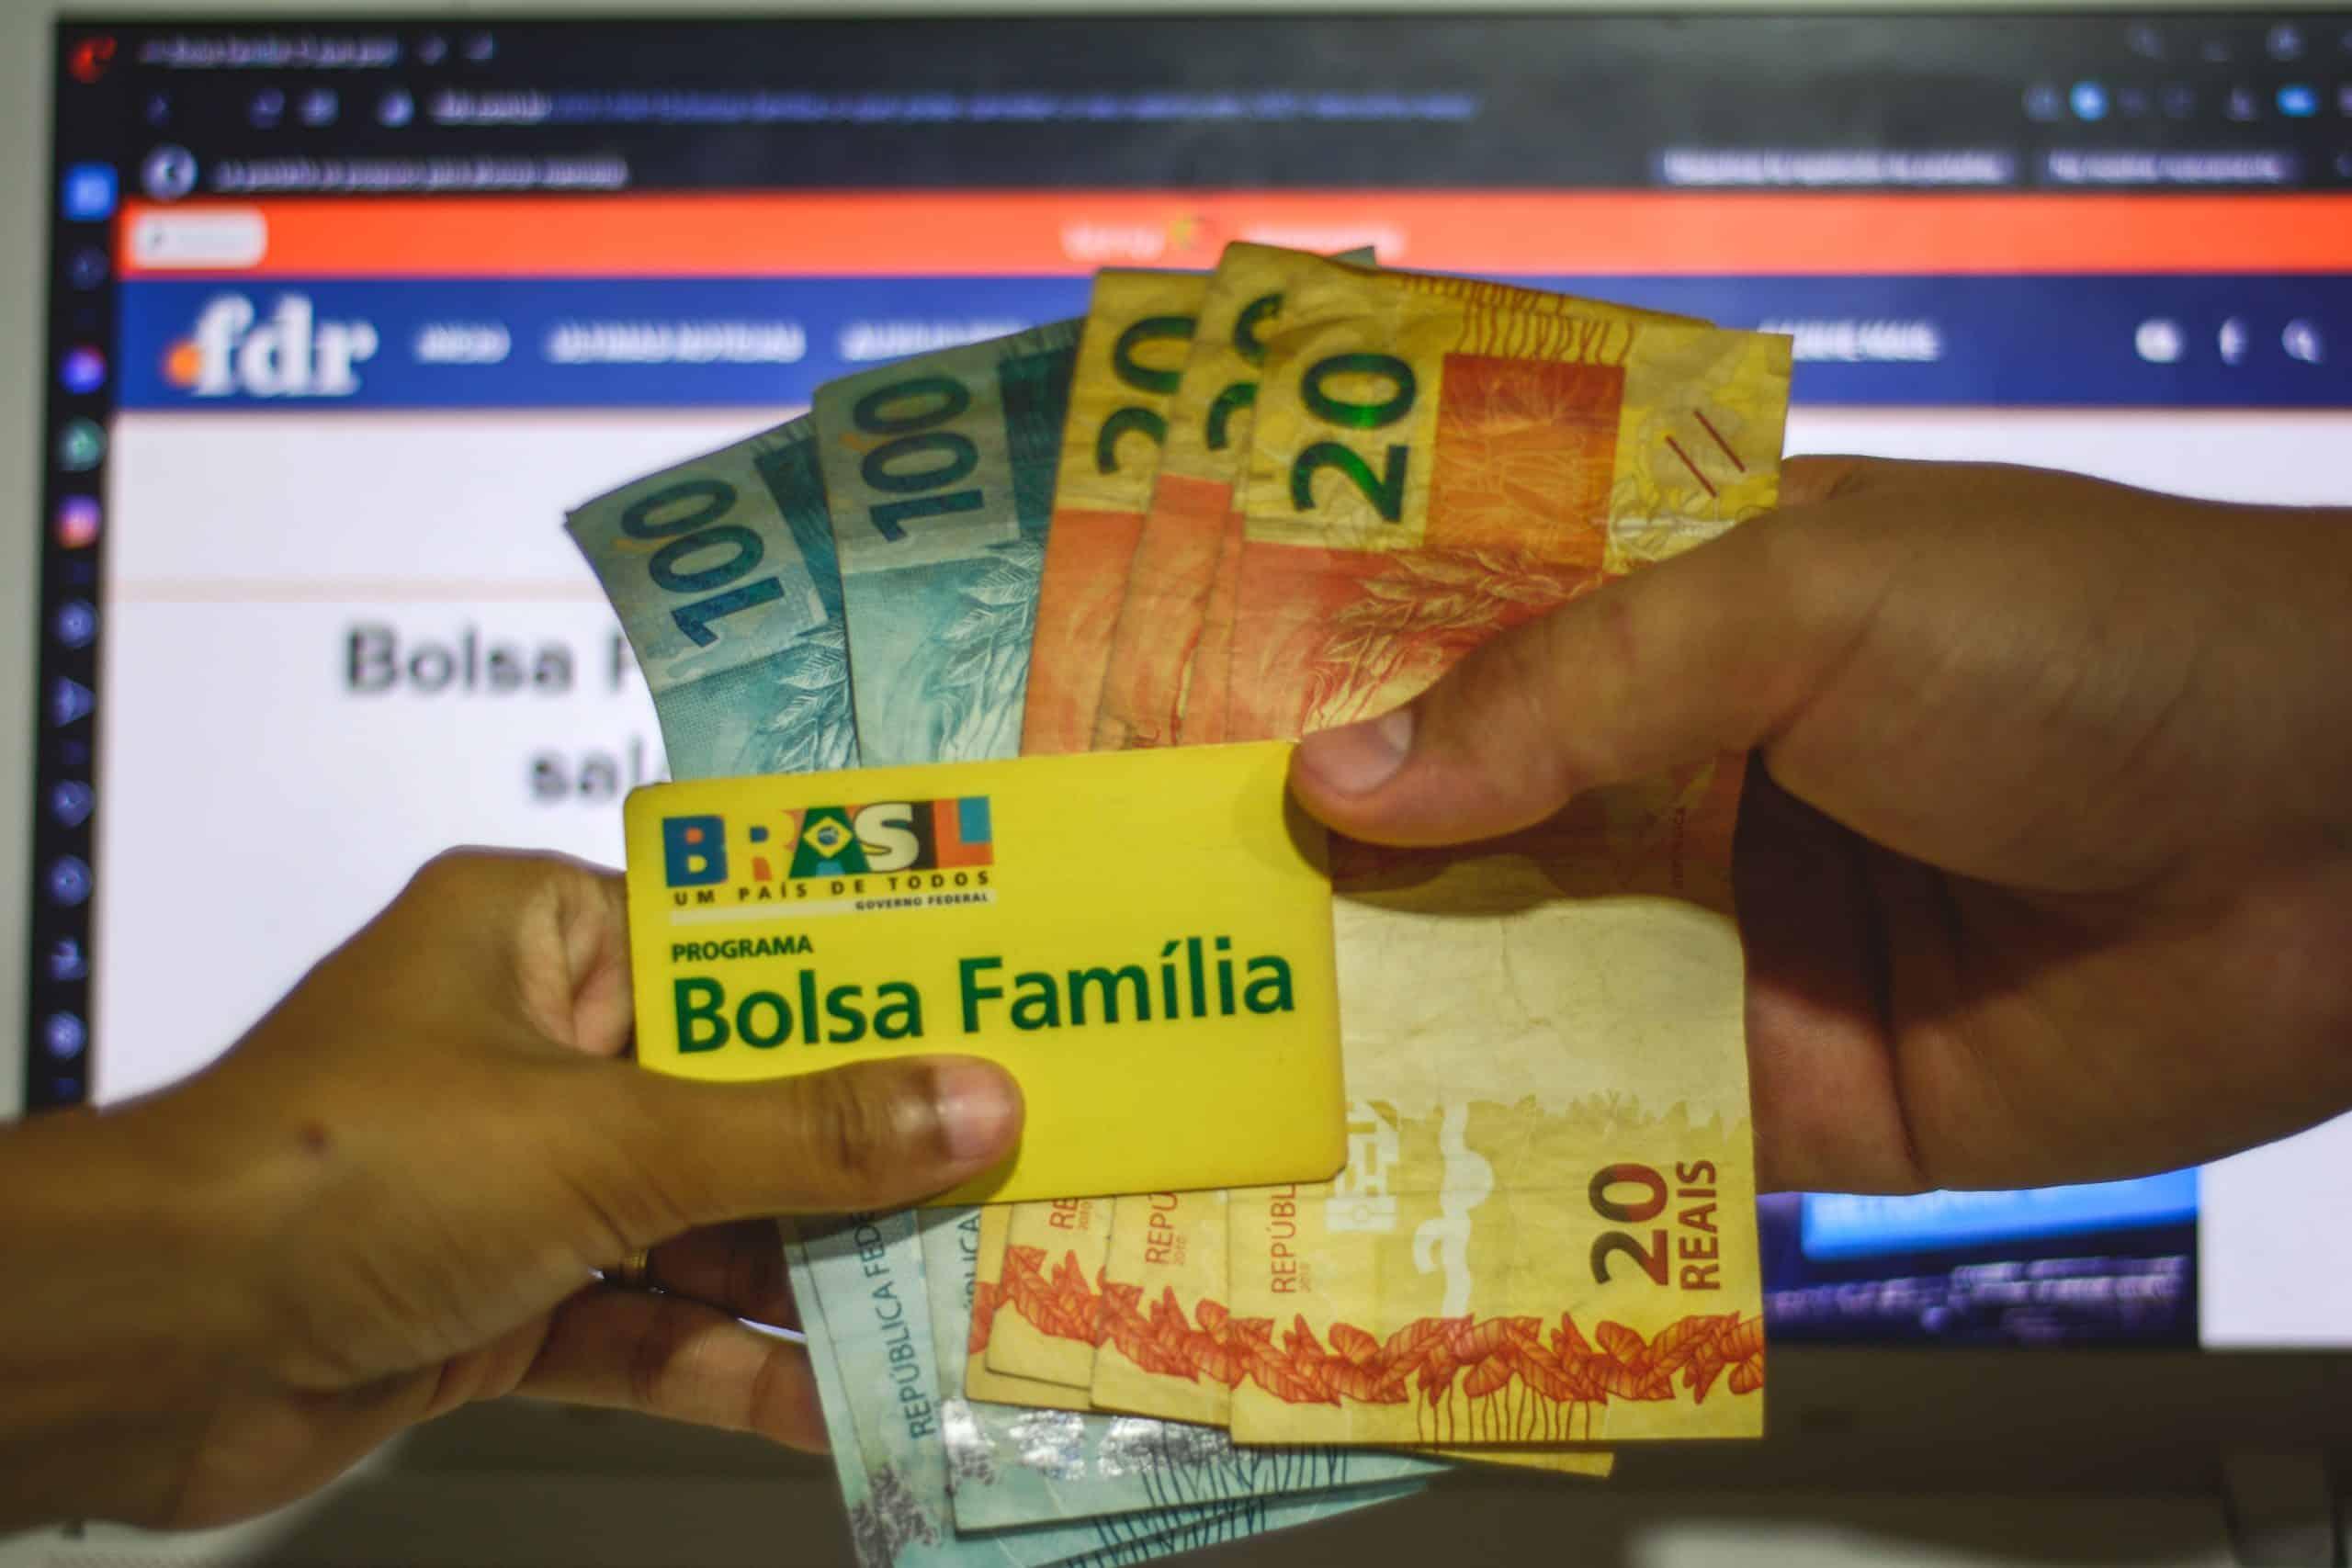 Consultores acreditam em R$ 21 bilhões disponíveis para o Auxílio Brasil (Imagem: Marcos Rocha/ FDR)